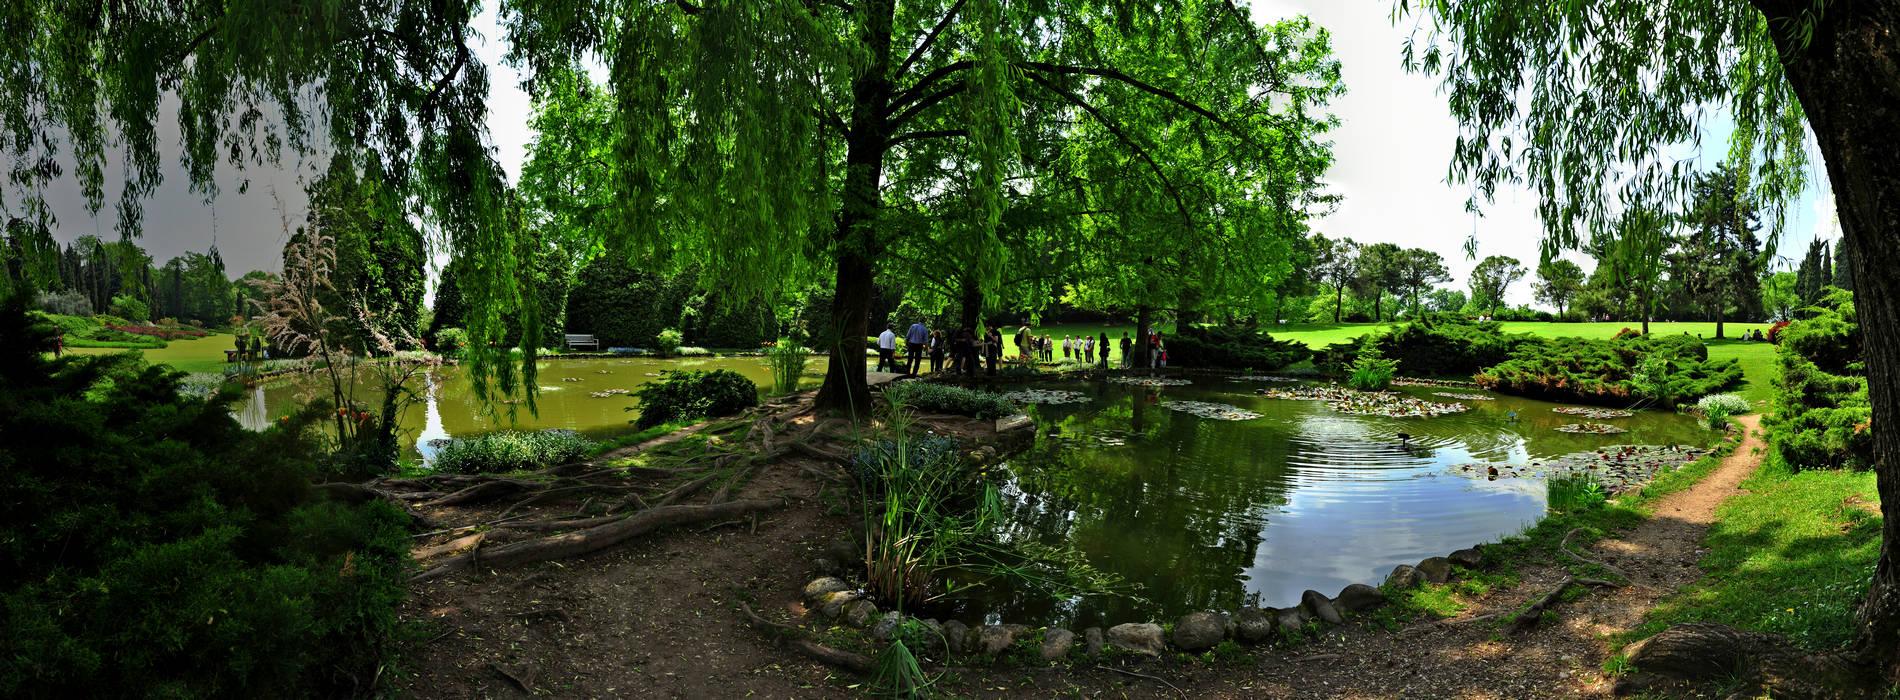 Valeggio sul mincio colline moreniche del garda parco giardino sigurt fotografia panoramica - Parco giardino sigurta valeggio sul mincio vr ...